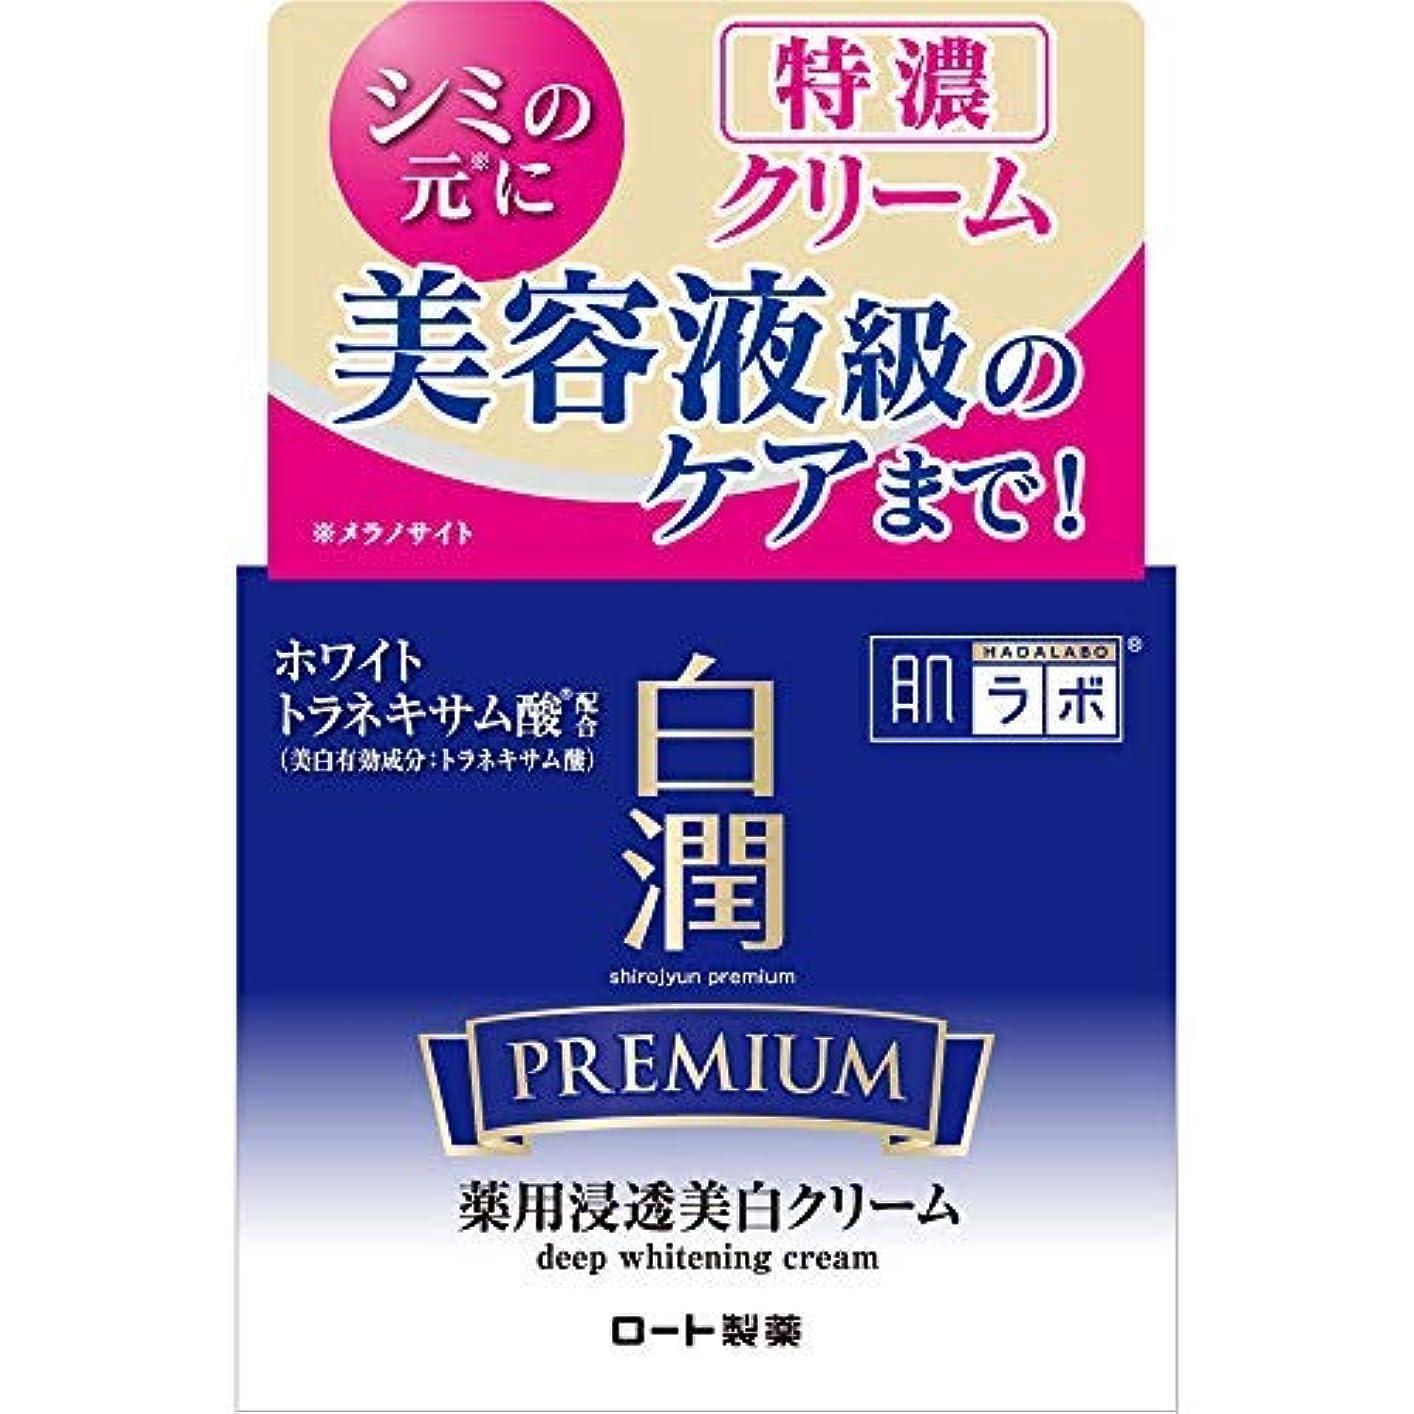 ペックシングル精算肌ラボ 白潤プレミアム 薬用浸透美白クリーム × 4個セット